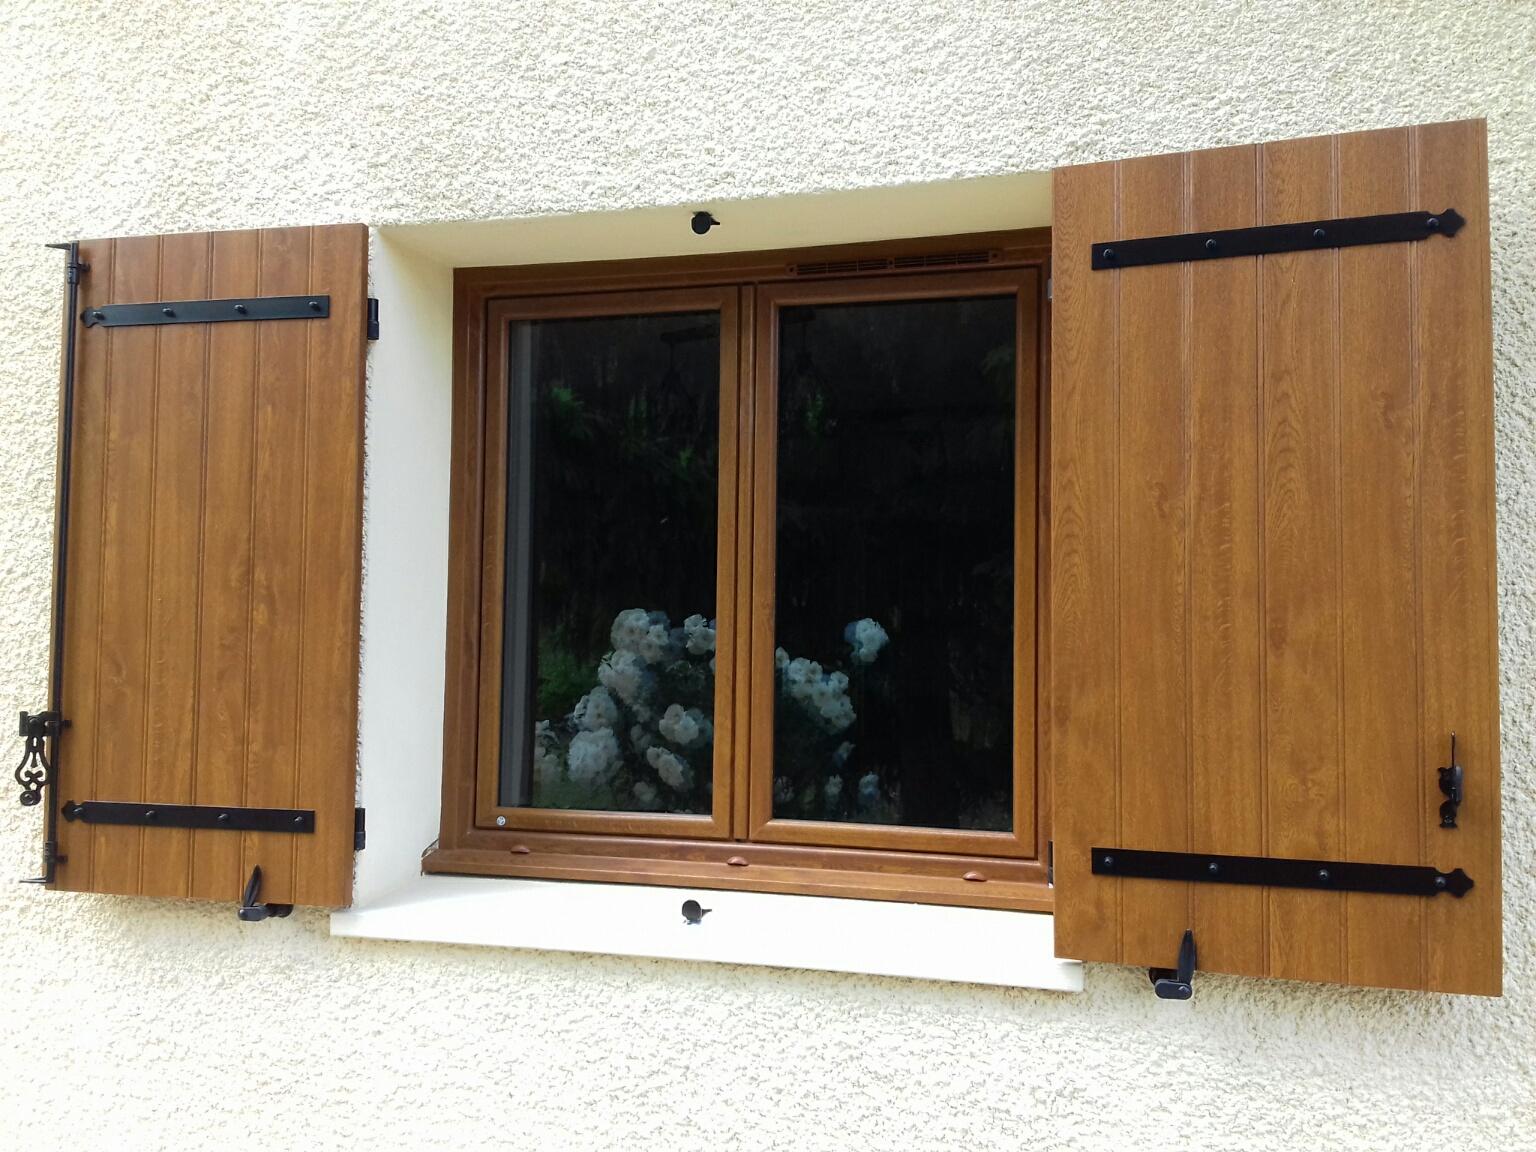 R nover une porte d entr e en bois - Comment regler une porte d entree en bois ...